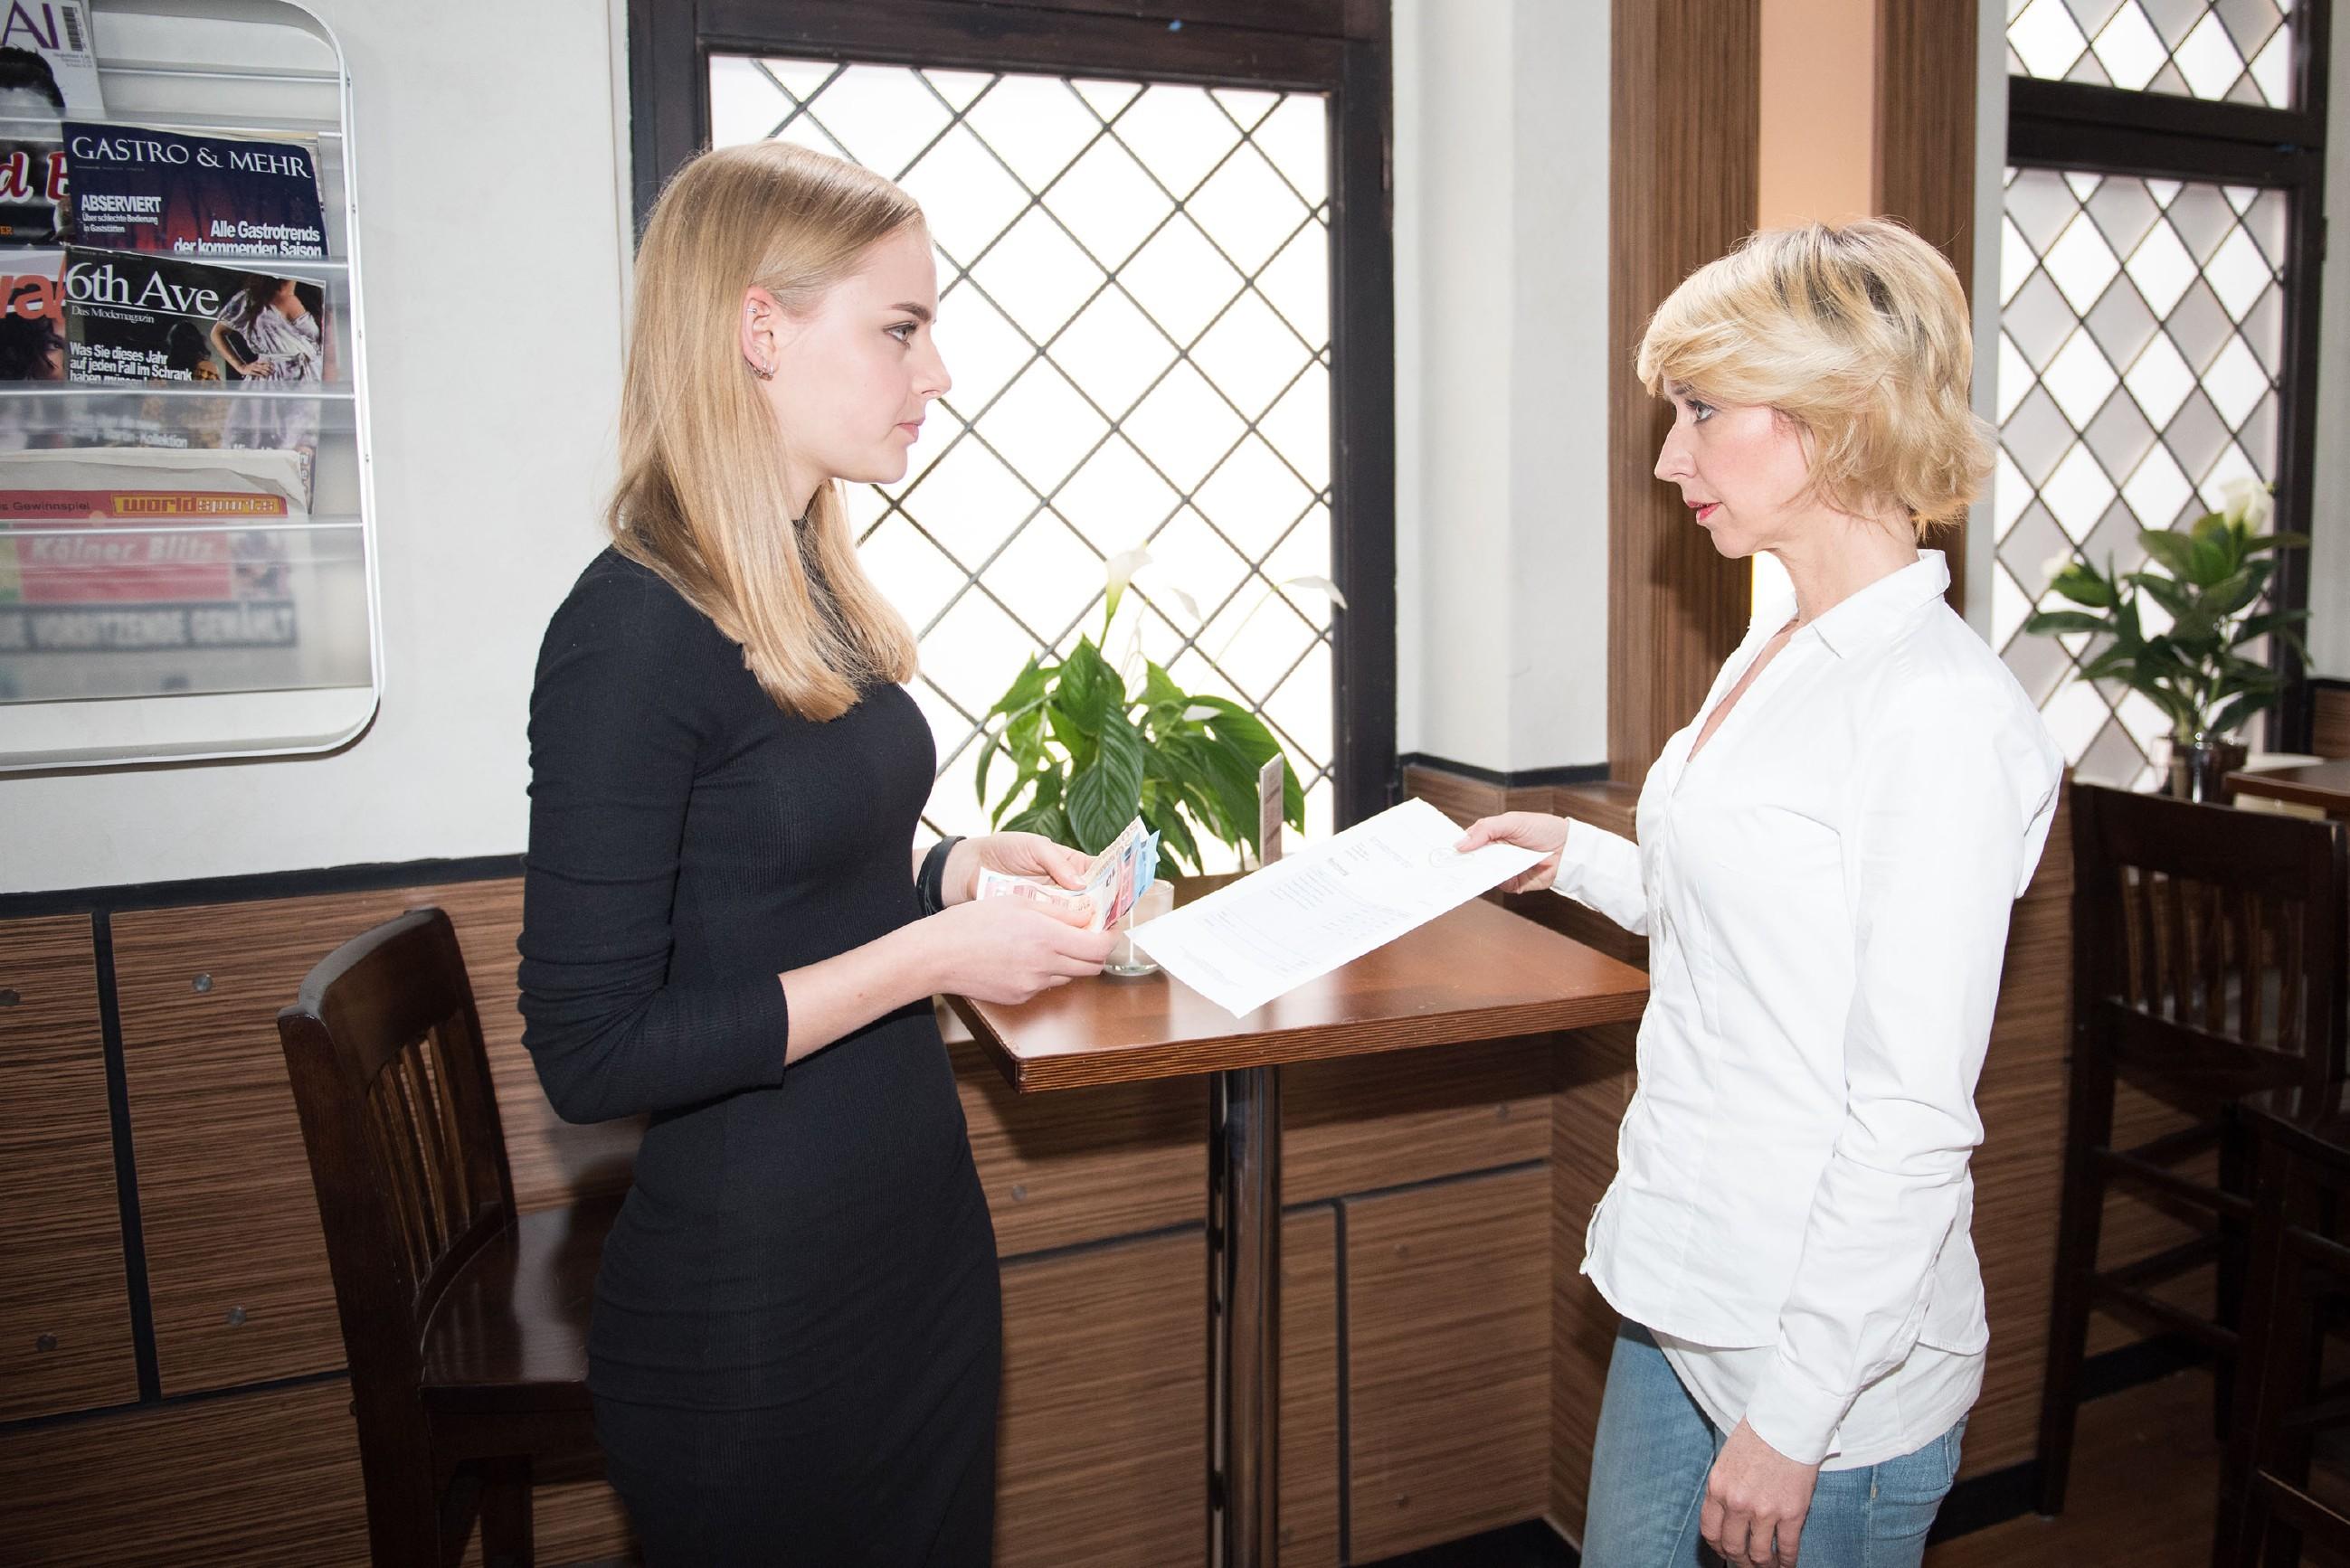 Als Ute (Isabell Hertel, r.) ihr die Rechnung präsentiert, muss Fiona (Olivia Burkhart) zu ihrem Schrecken feststellen, dass Rolfs Trauerfeier eine teure Angelegenheit war. (Quelle: RTL / Stefan Behrens)